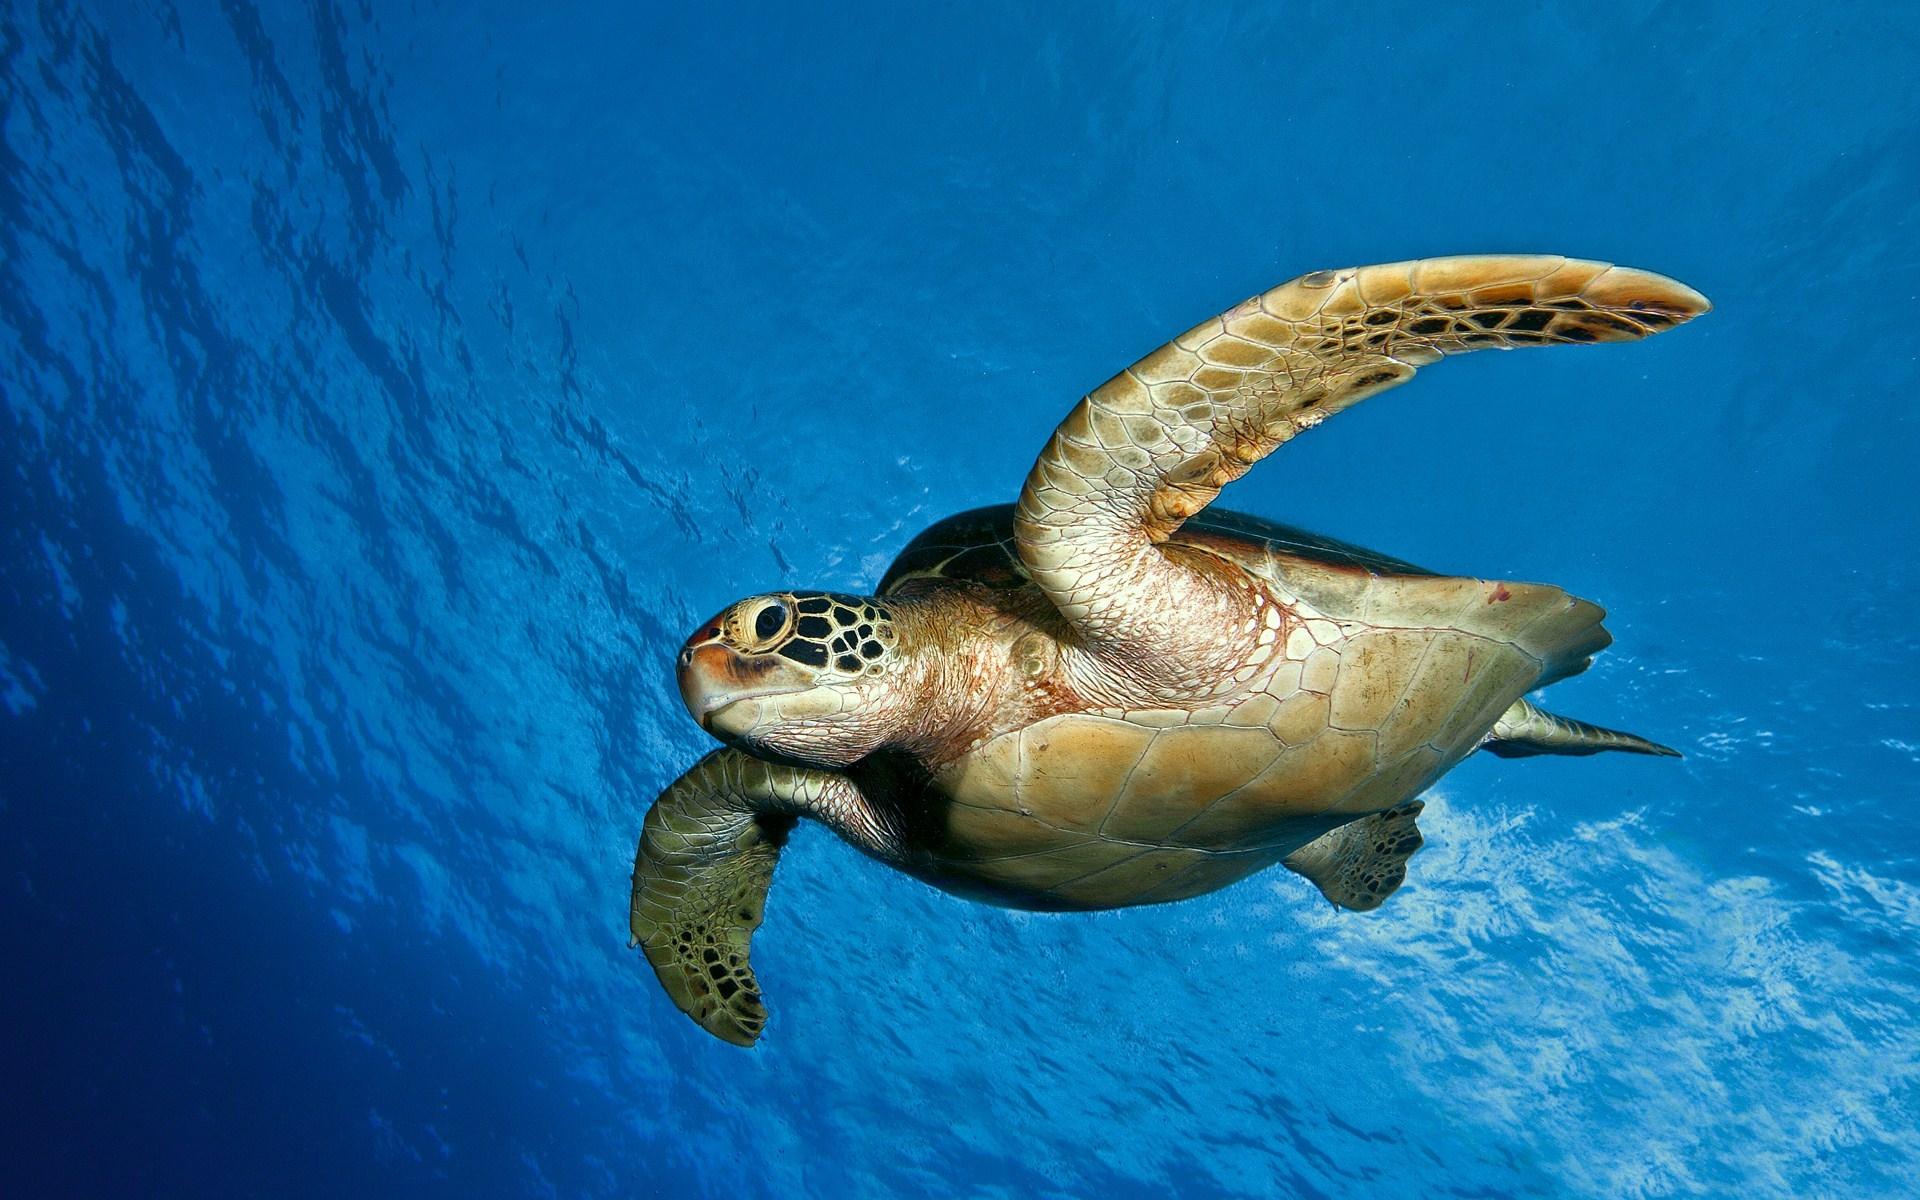 turtle, Tortoise, Underwater, Ocean, Sea, Wildlife